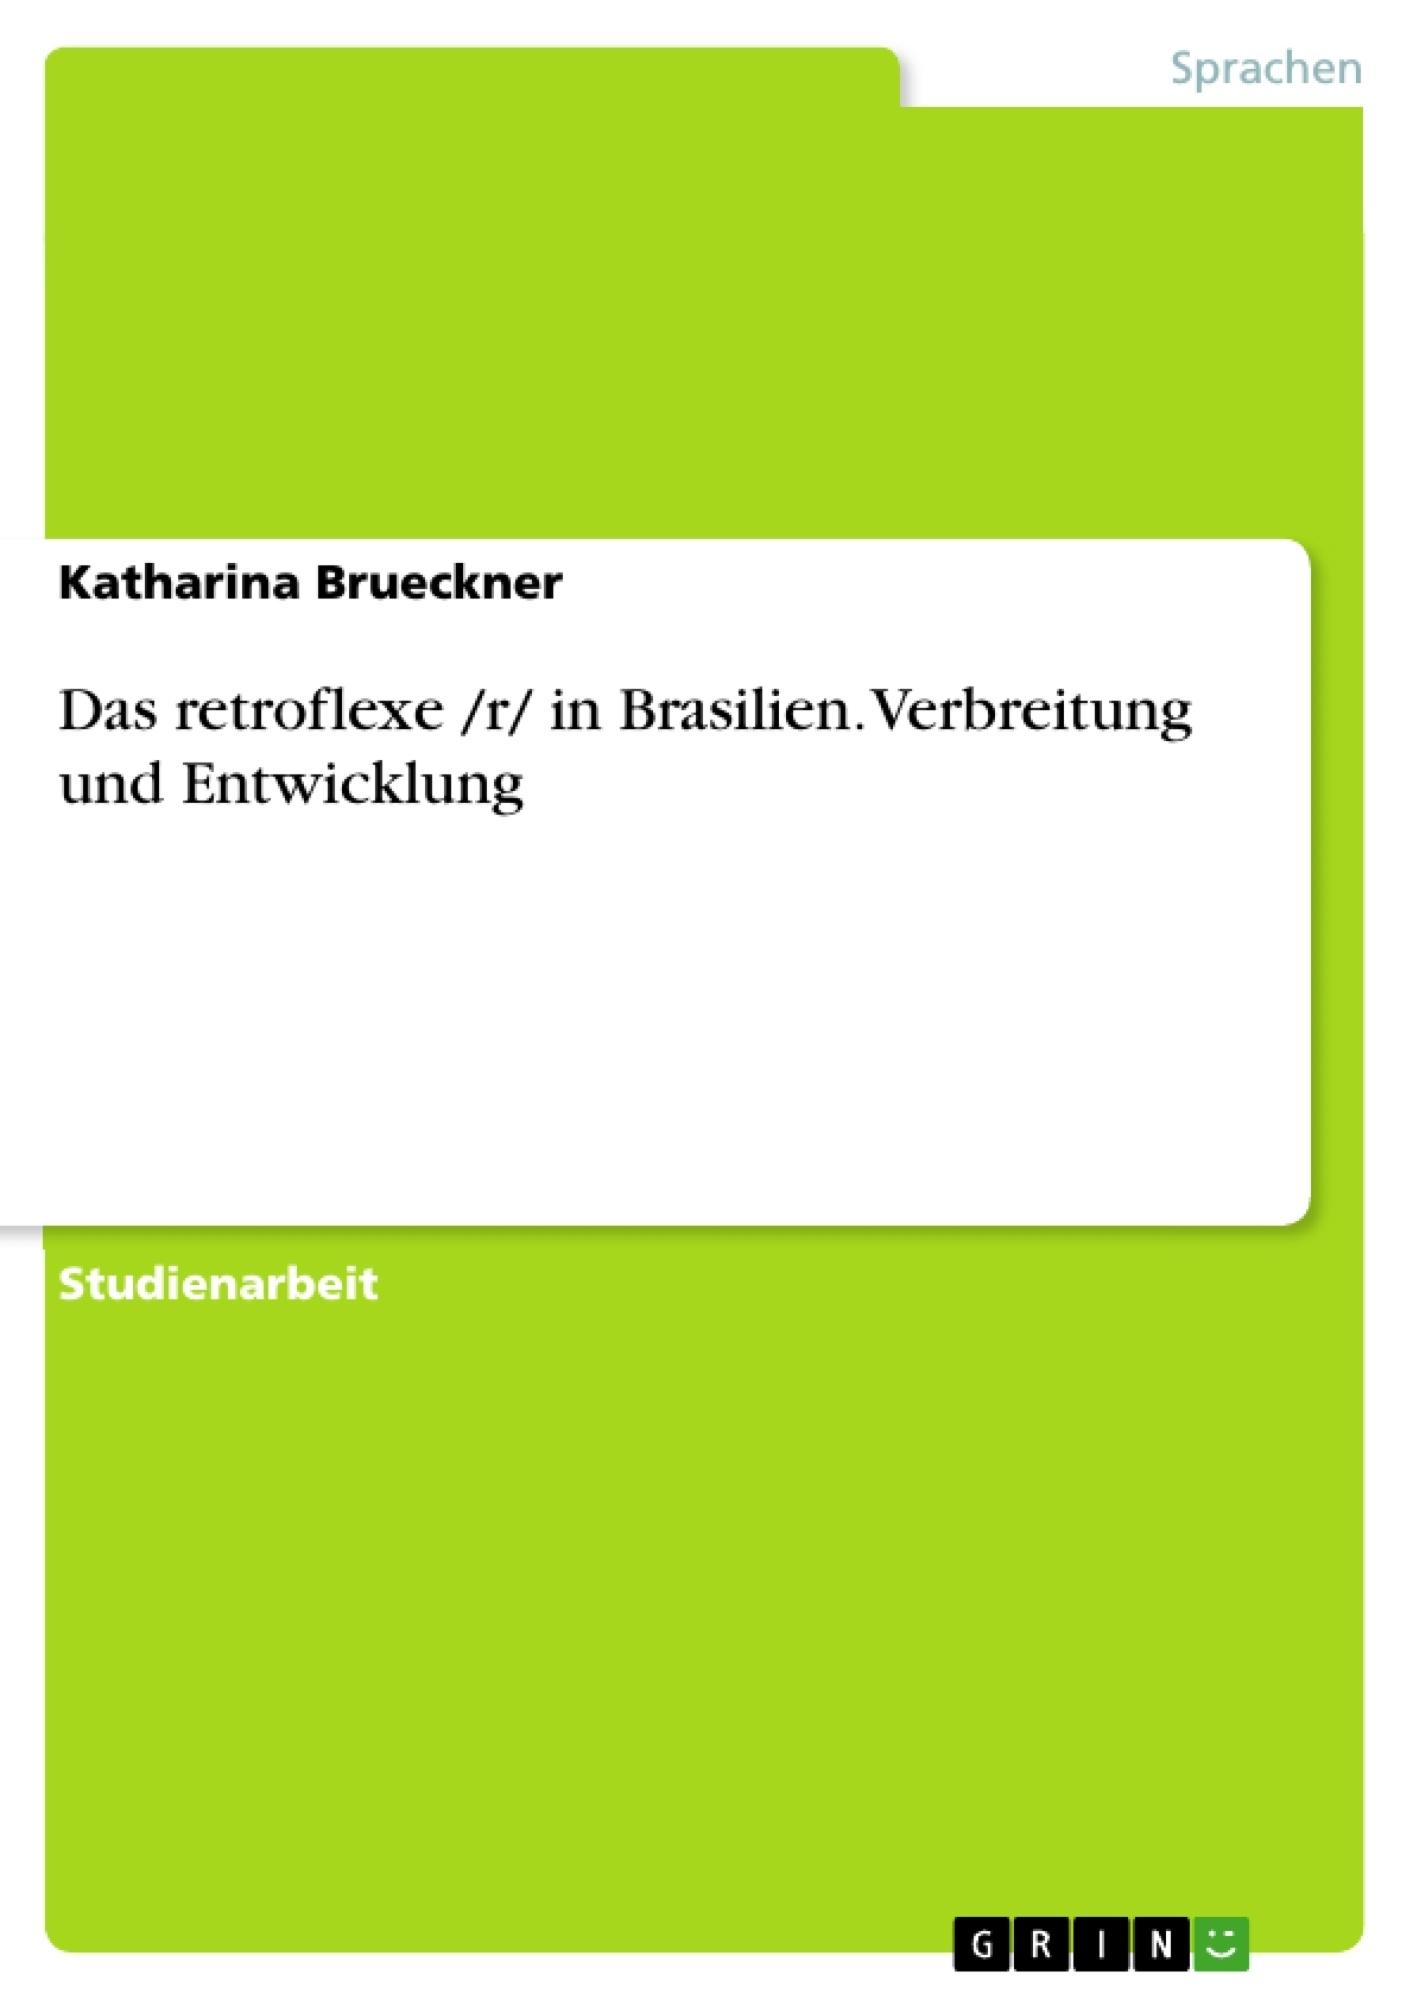 Titel: Das retroflexe /r/ in Brasilien. Verbreitung und Entwicklung